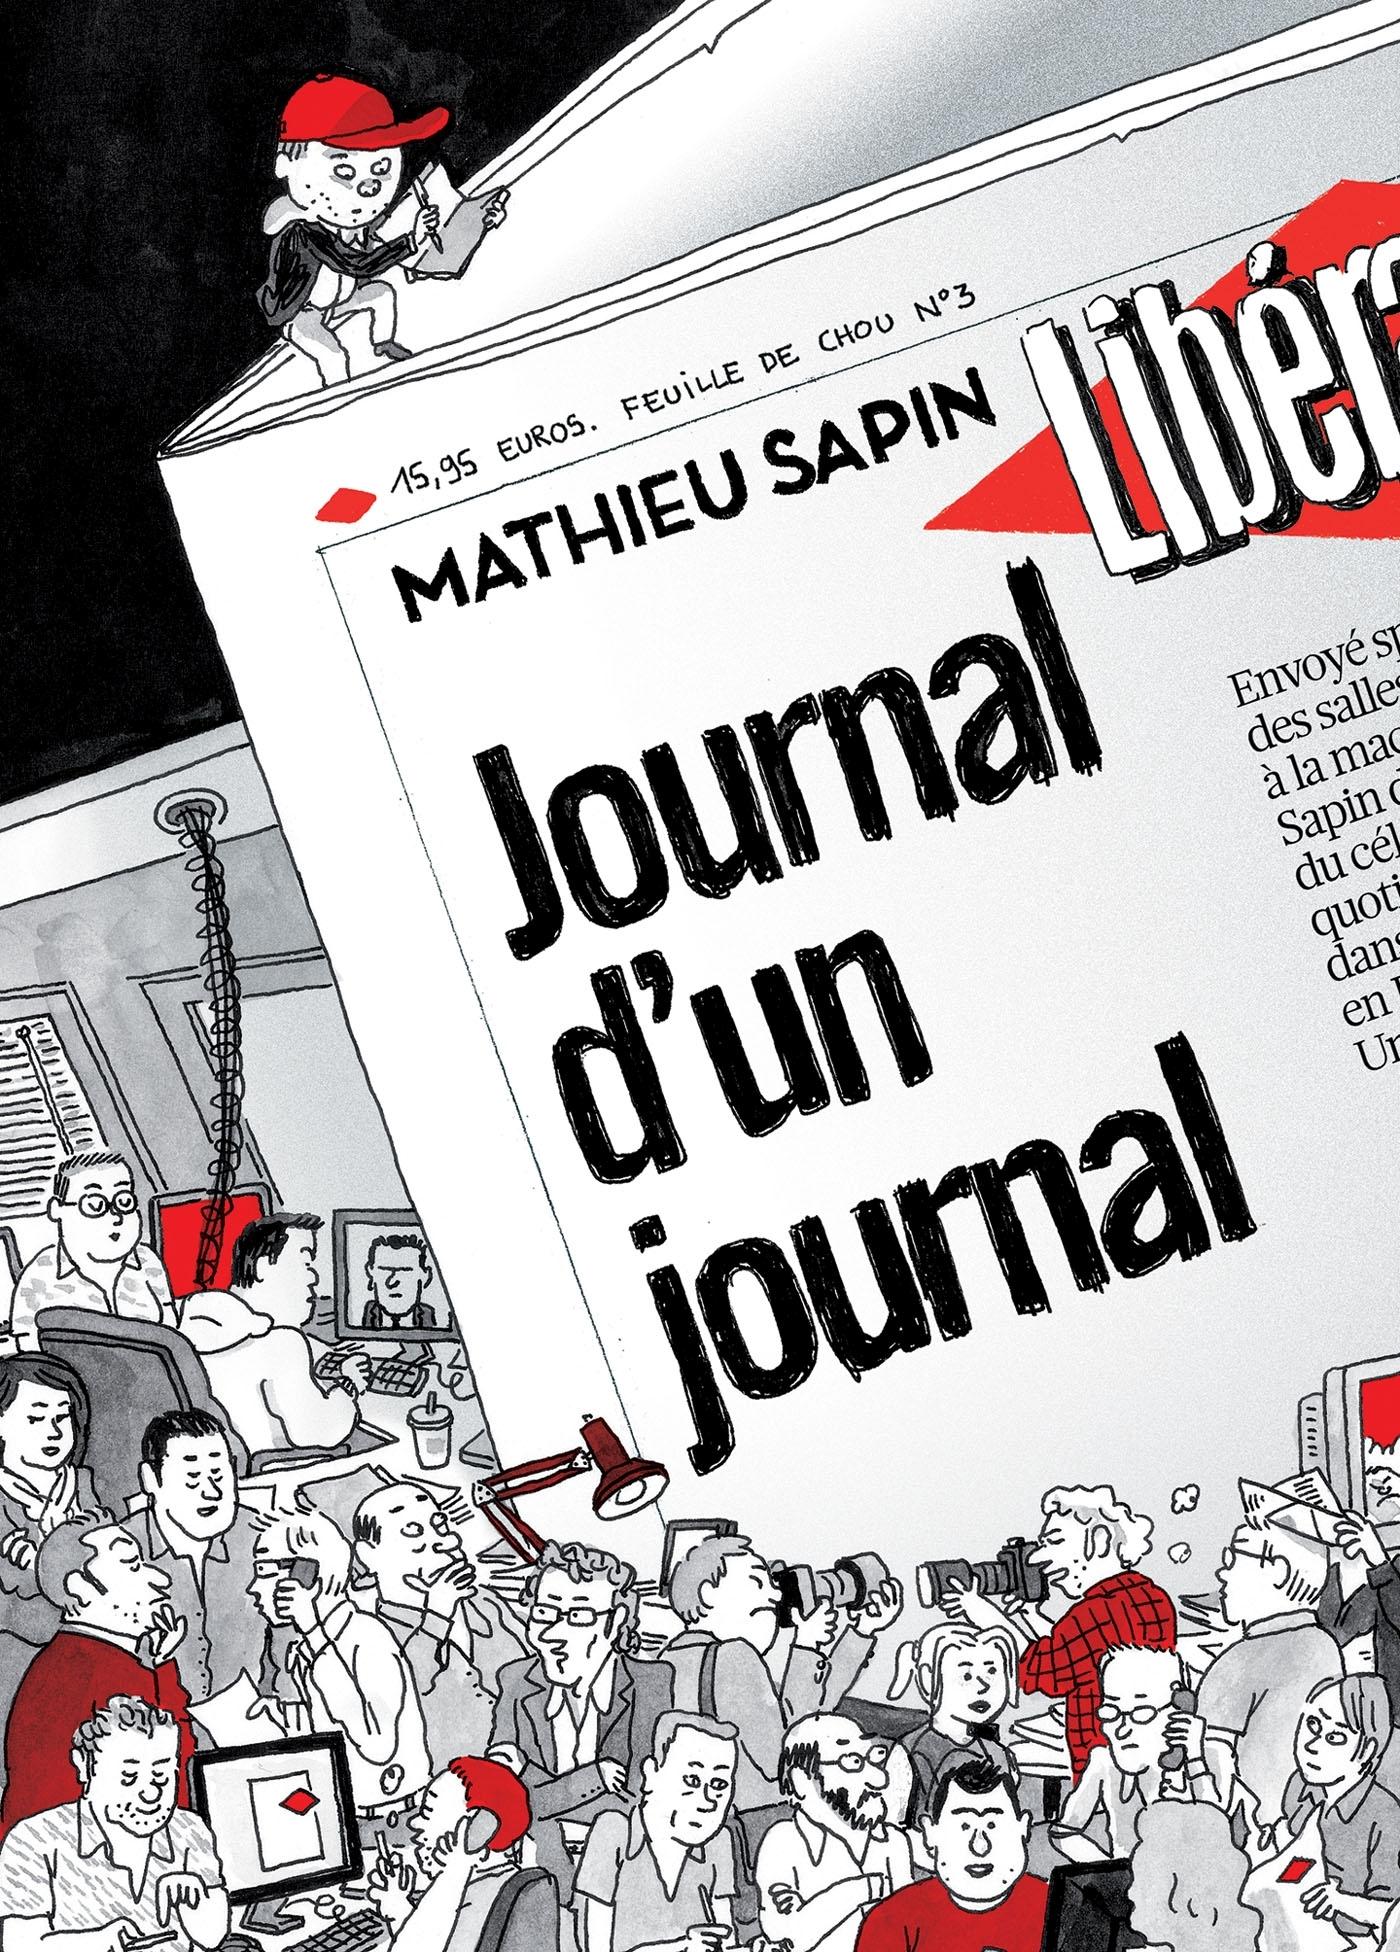 JOURNAL D'UN JOURNAL NED